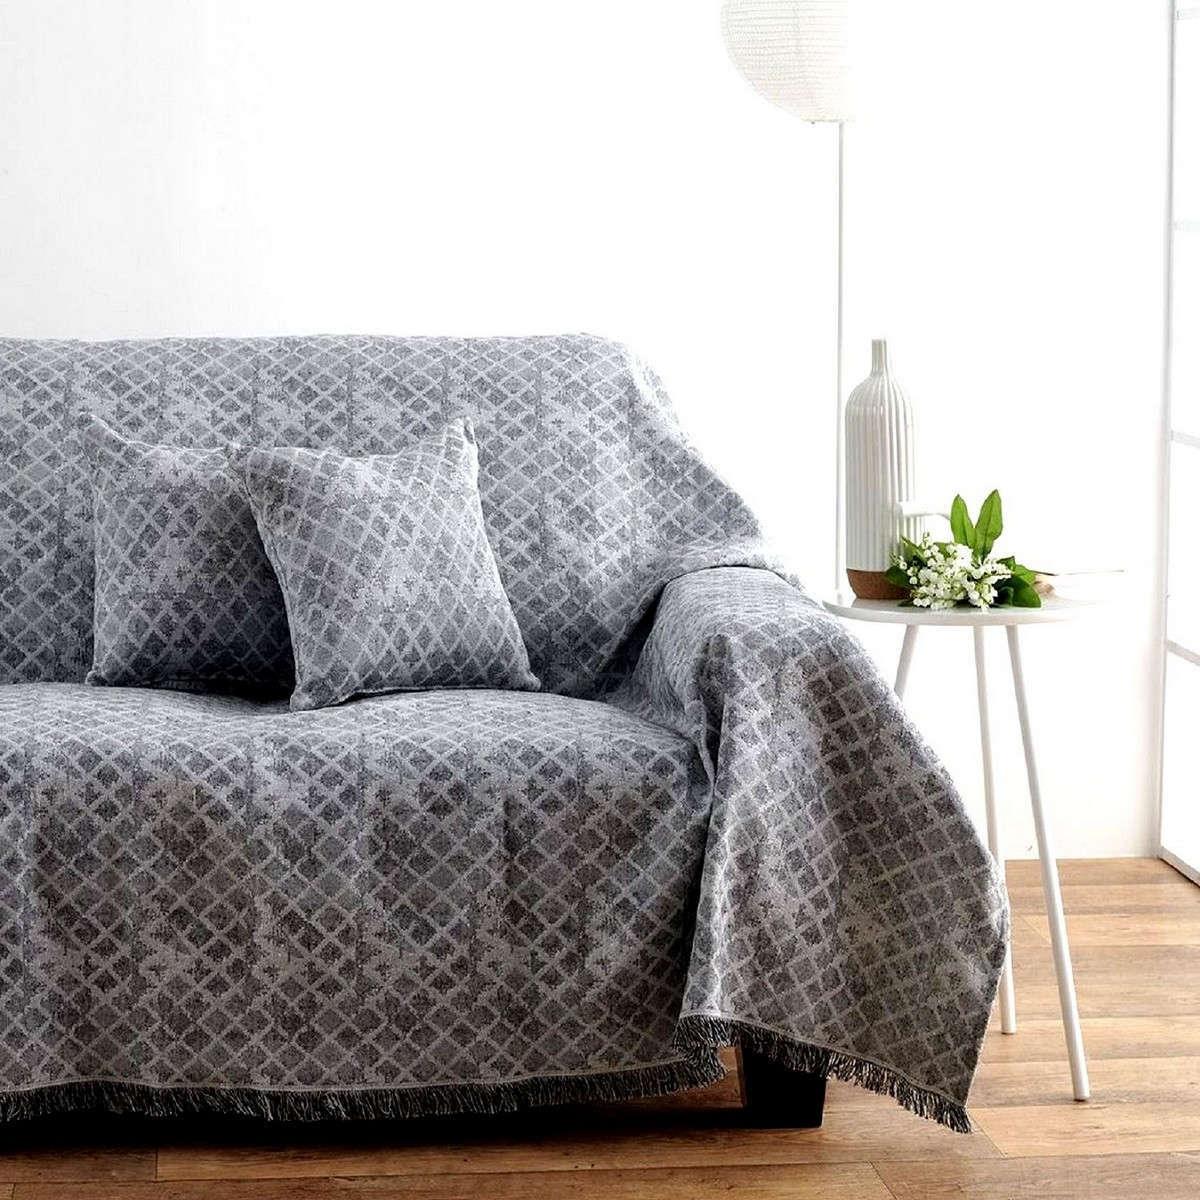 Ριχτάρι Nice Grey Sb Home Τριθέσιο 180x300cm